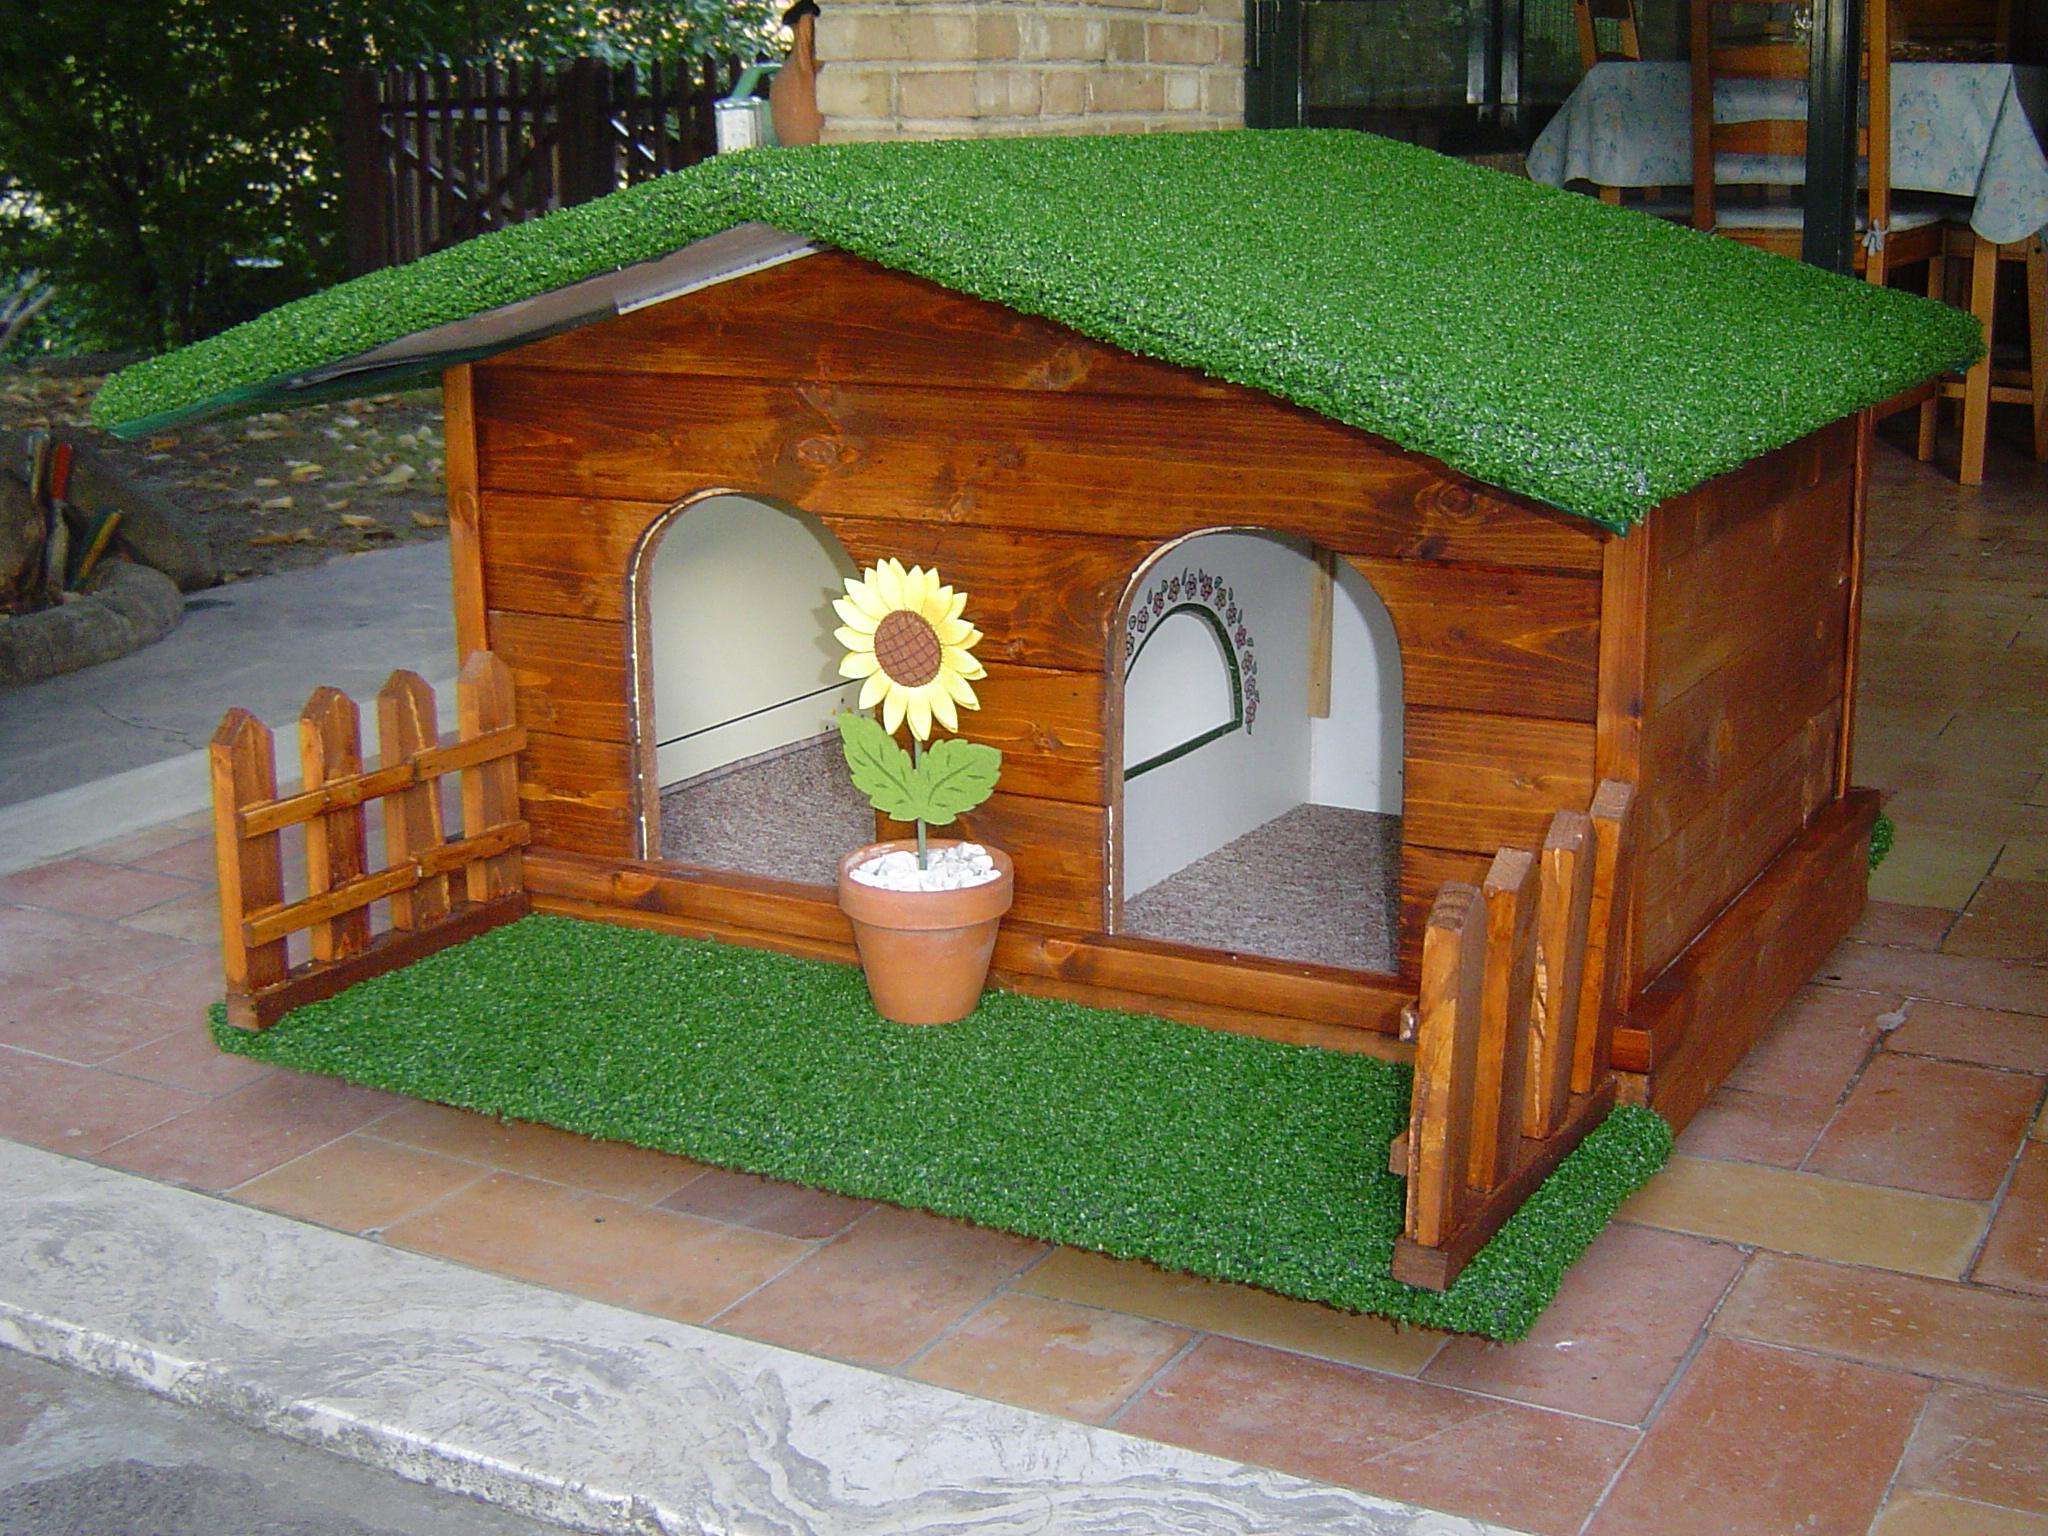 Arredare e decorare le cucce per cani da esterno for Cucce per cani da esterno coibentate